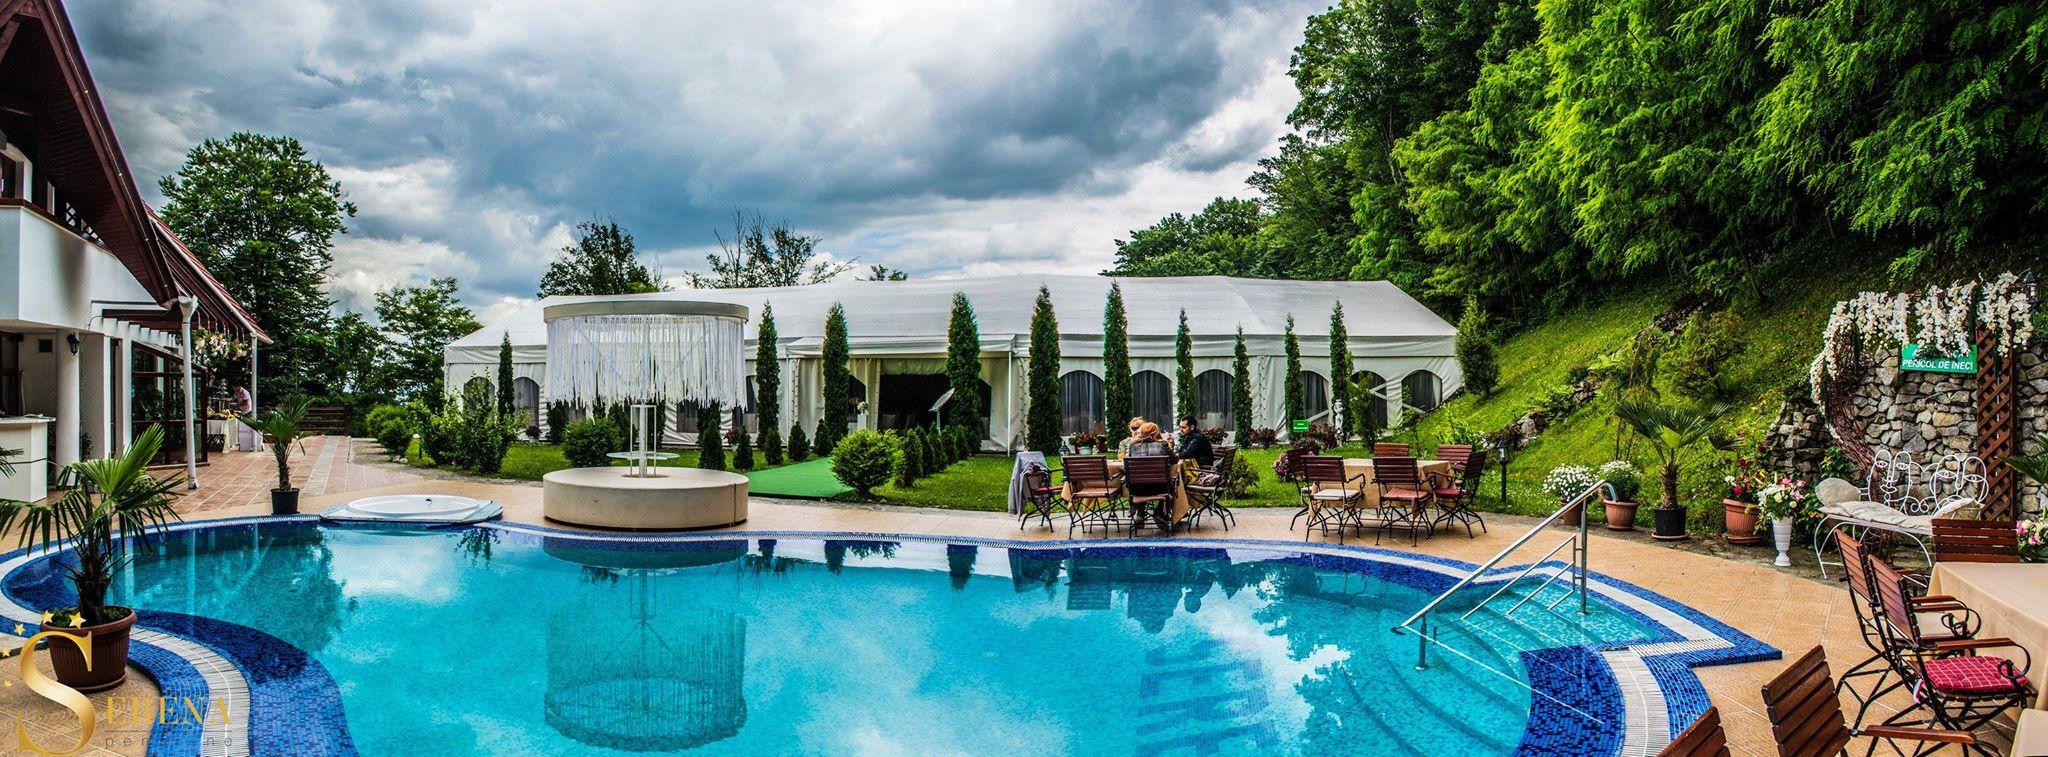 Pensiunea serena pensiune restaurant piscina evenimente for Hotel cu piscina